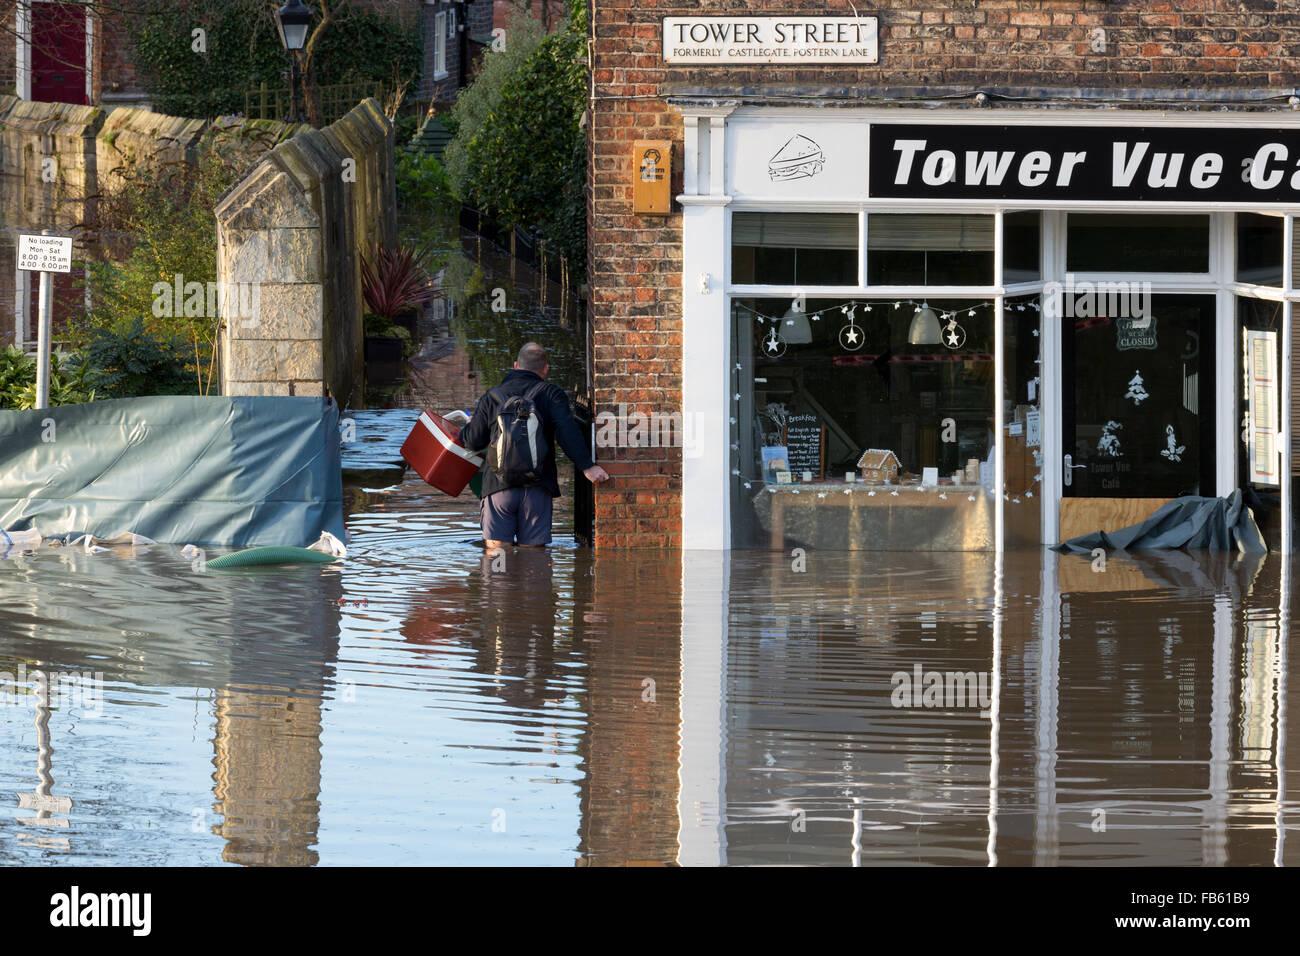 Les eaux de crue dans le centre-ville de York après de fortes pluies, le 27 décembre 2015. Banque D'Images